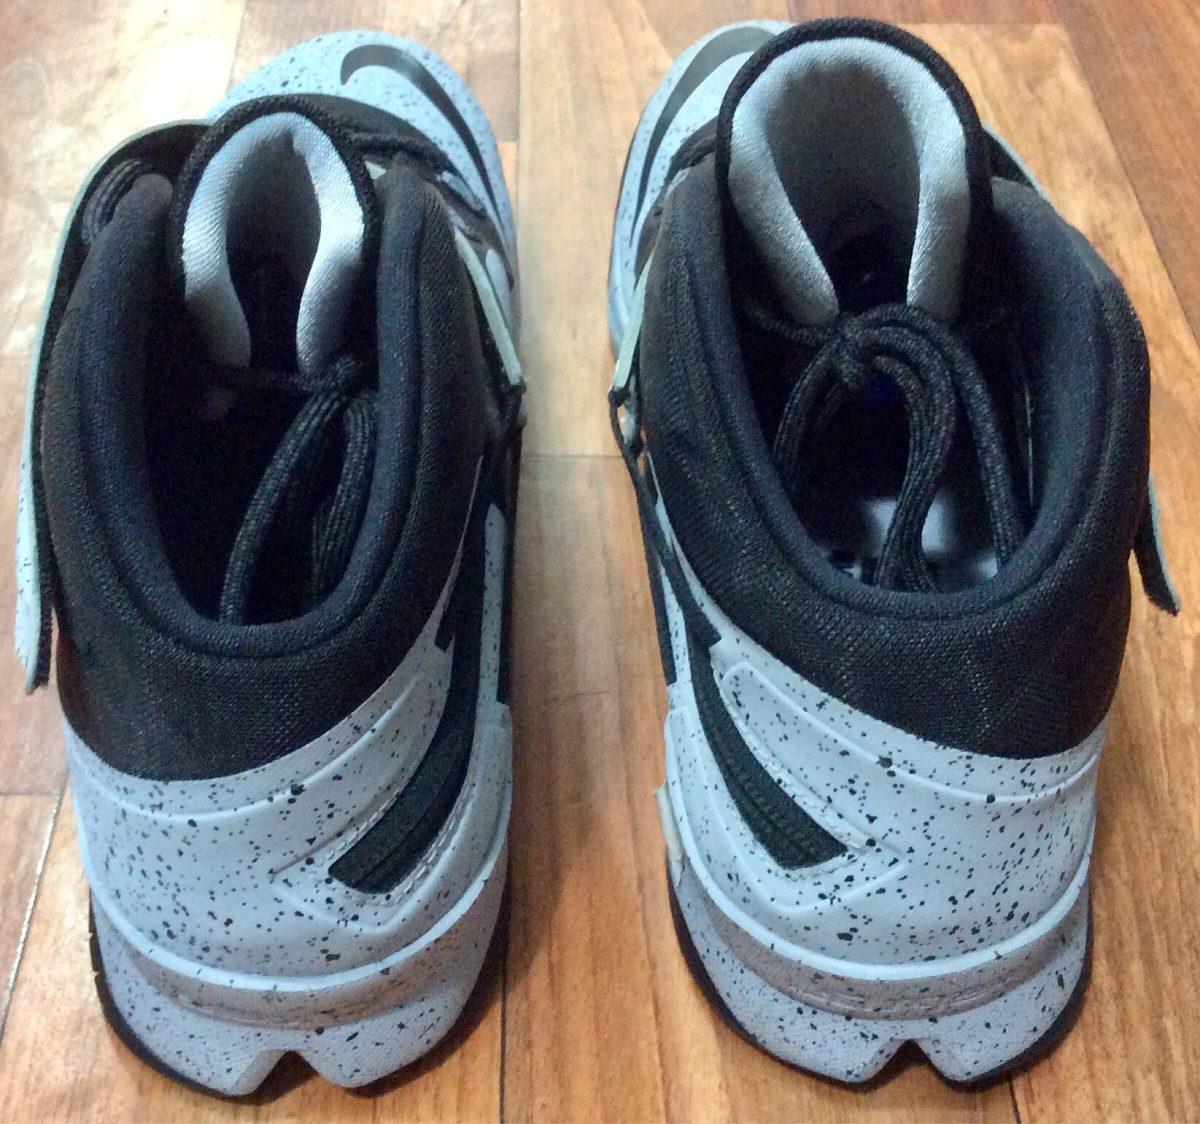 462ab122 Zapatilla Nike Lebron James Soldier 8 Original - $ 4.200,00 en ...